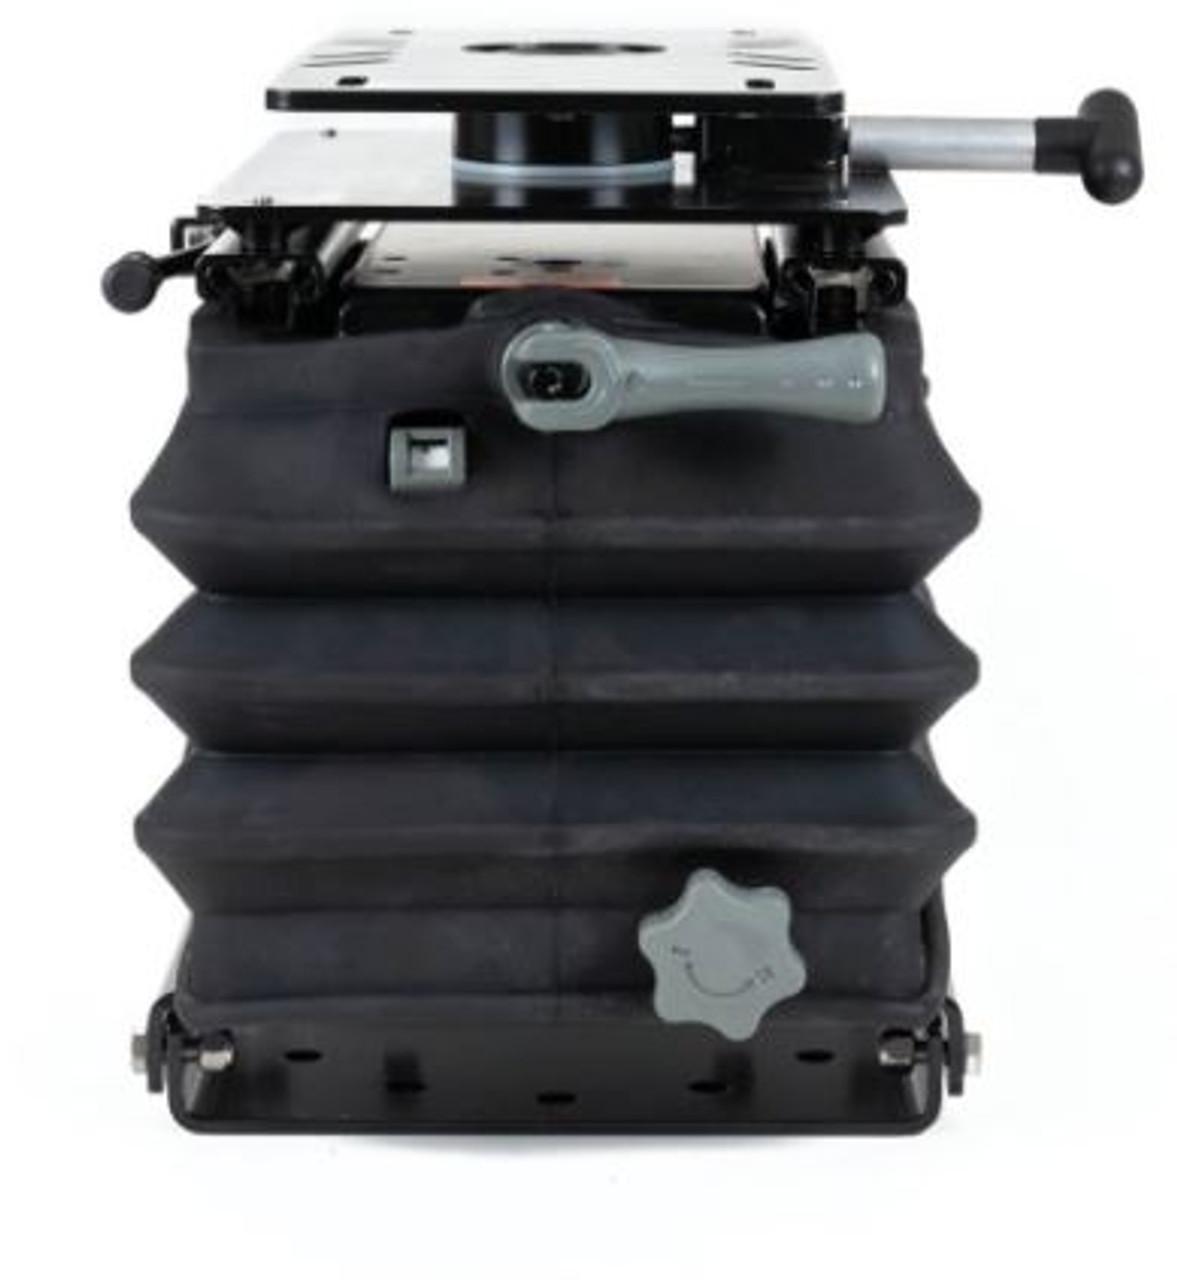 FULL SUSPENSION SYSTEM - U-BOX MOUNT